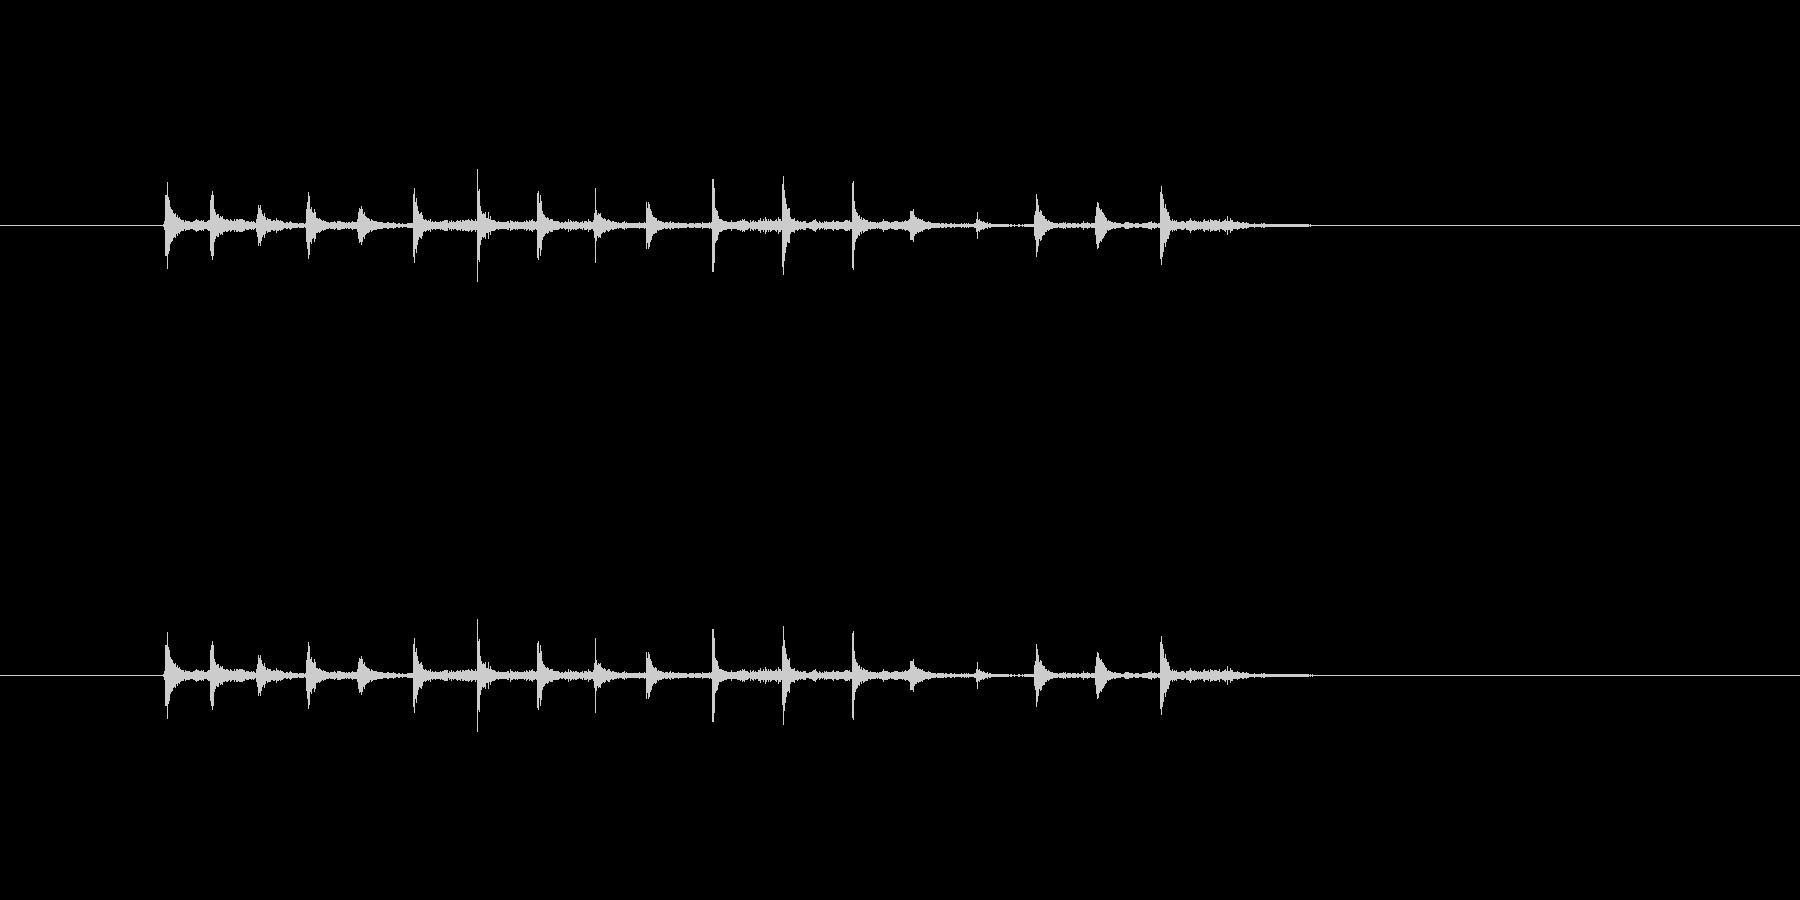 1人の拍手の未再生の波形